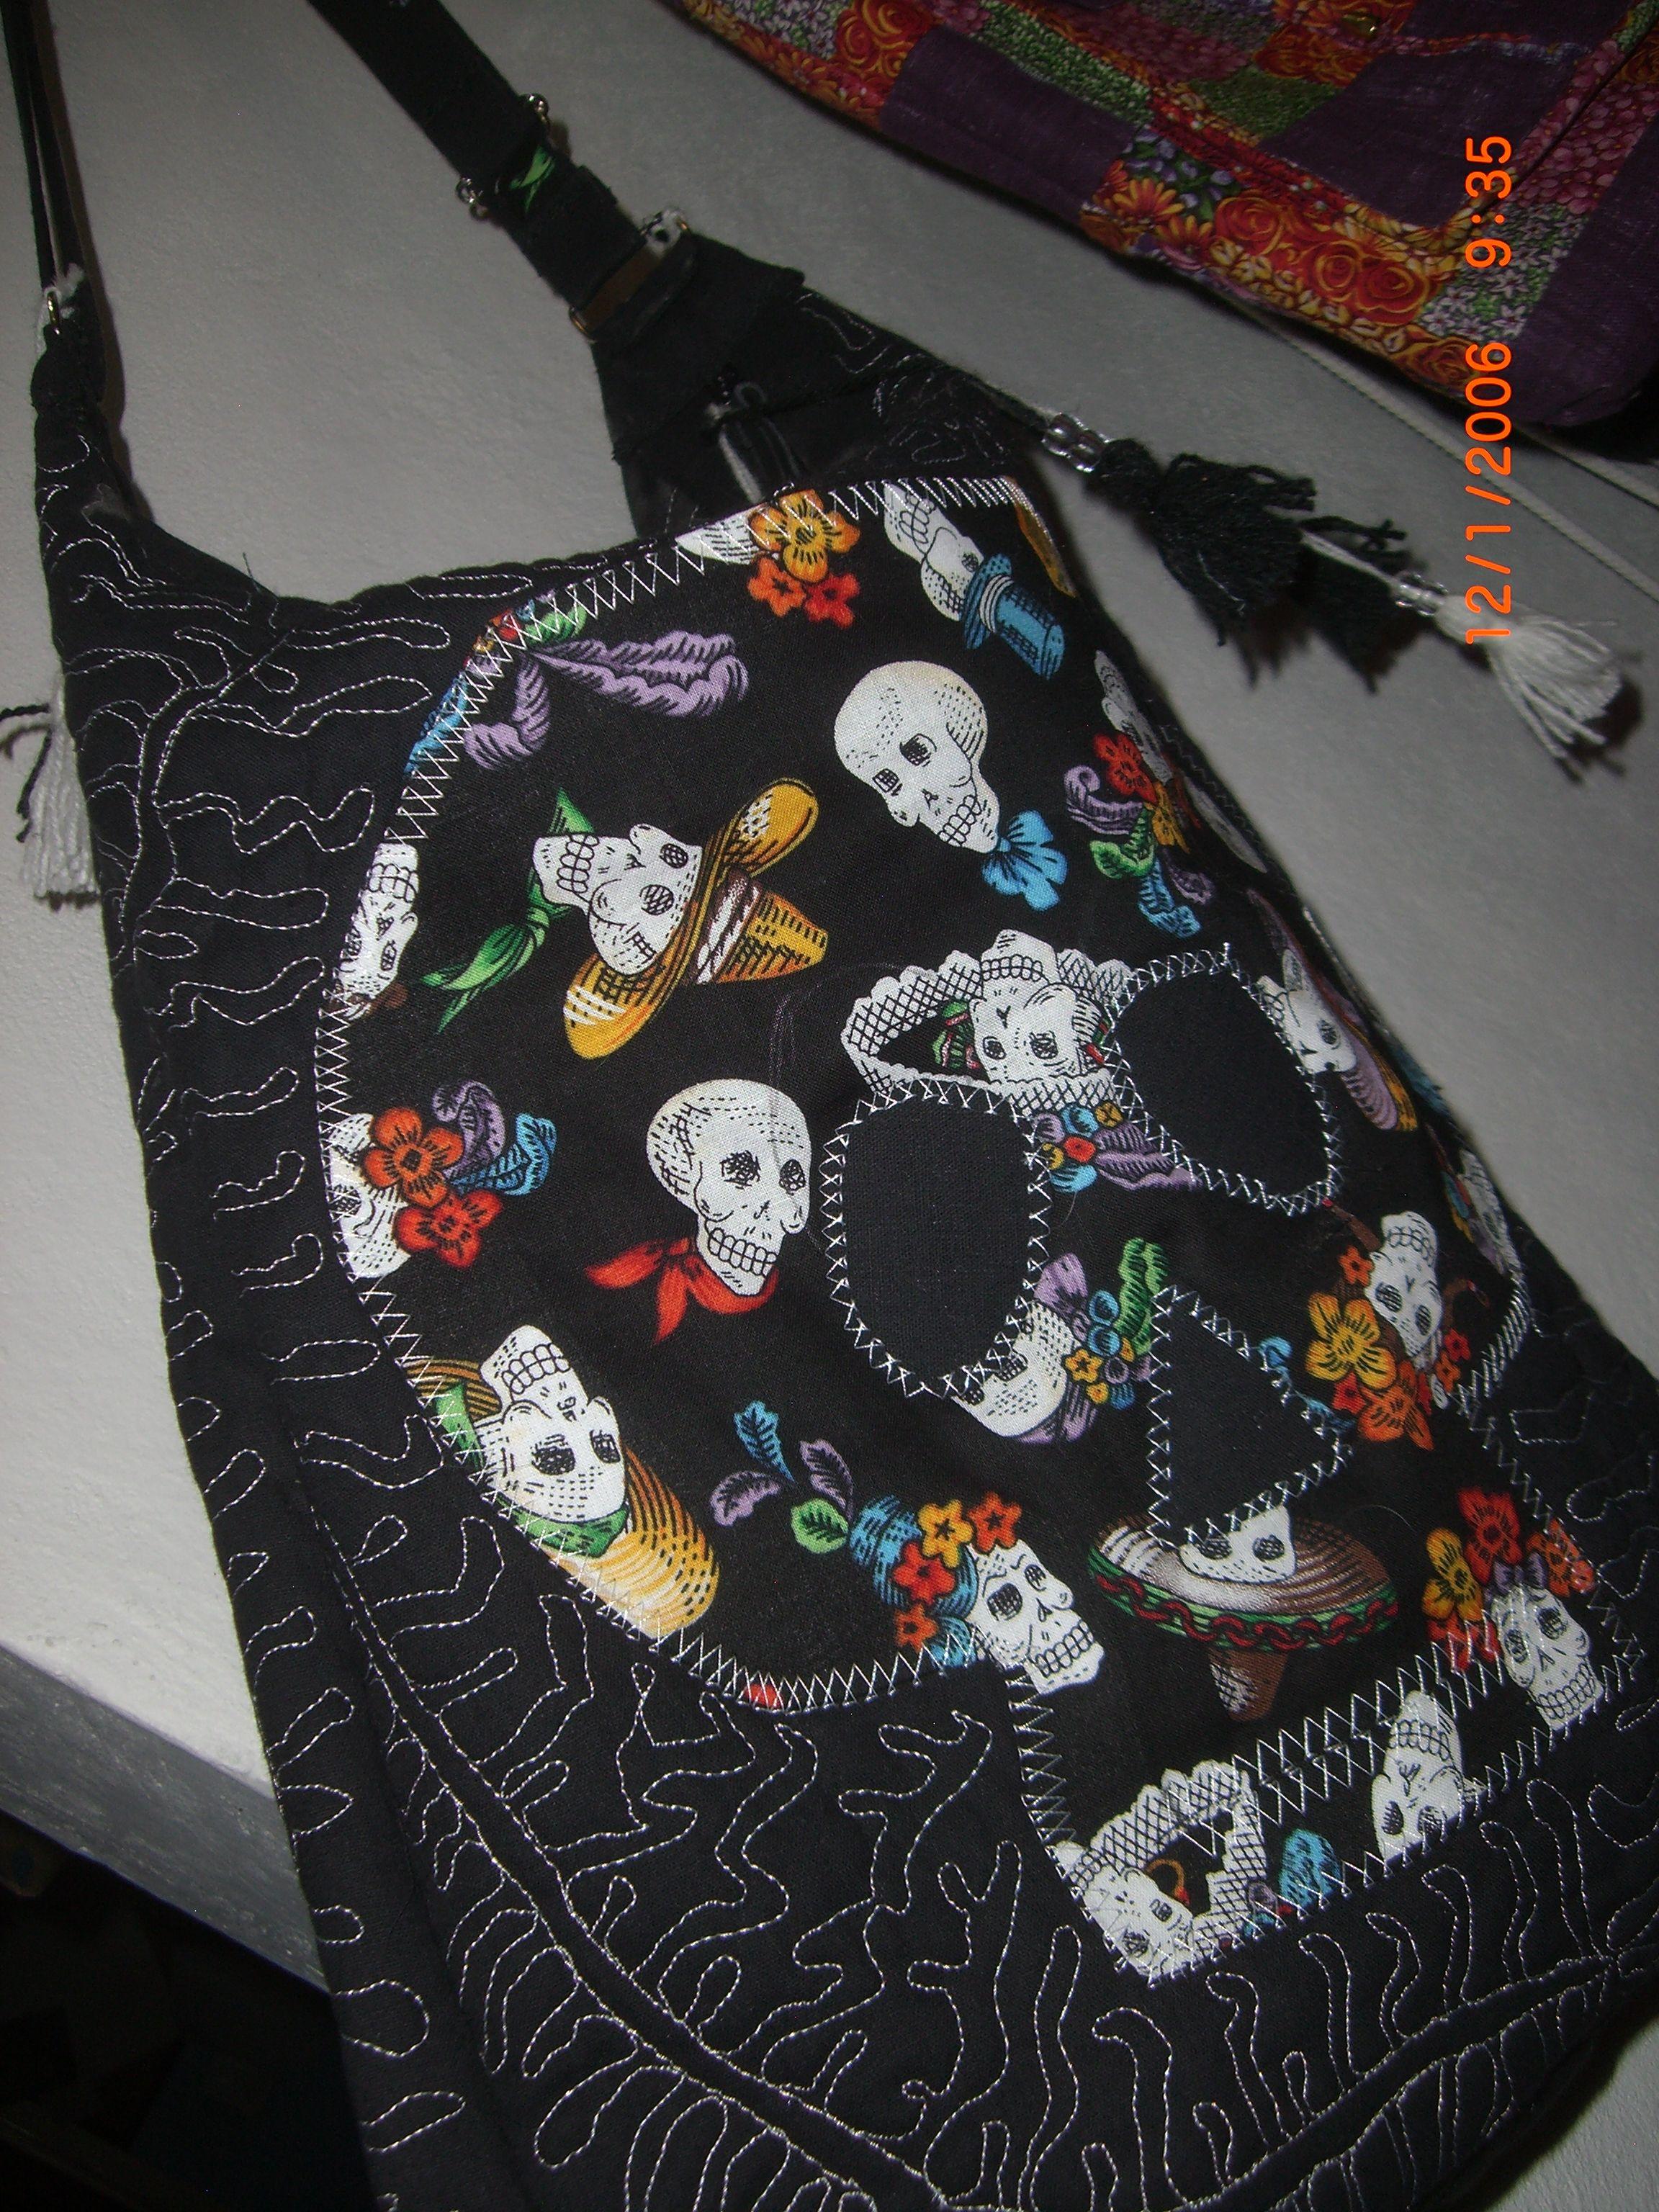 negra con aplicación de calavera, bolsillos interiores y un asa en los extremos, se cierra con cremallera